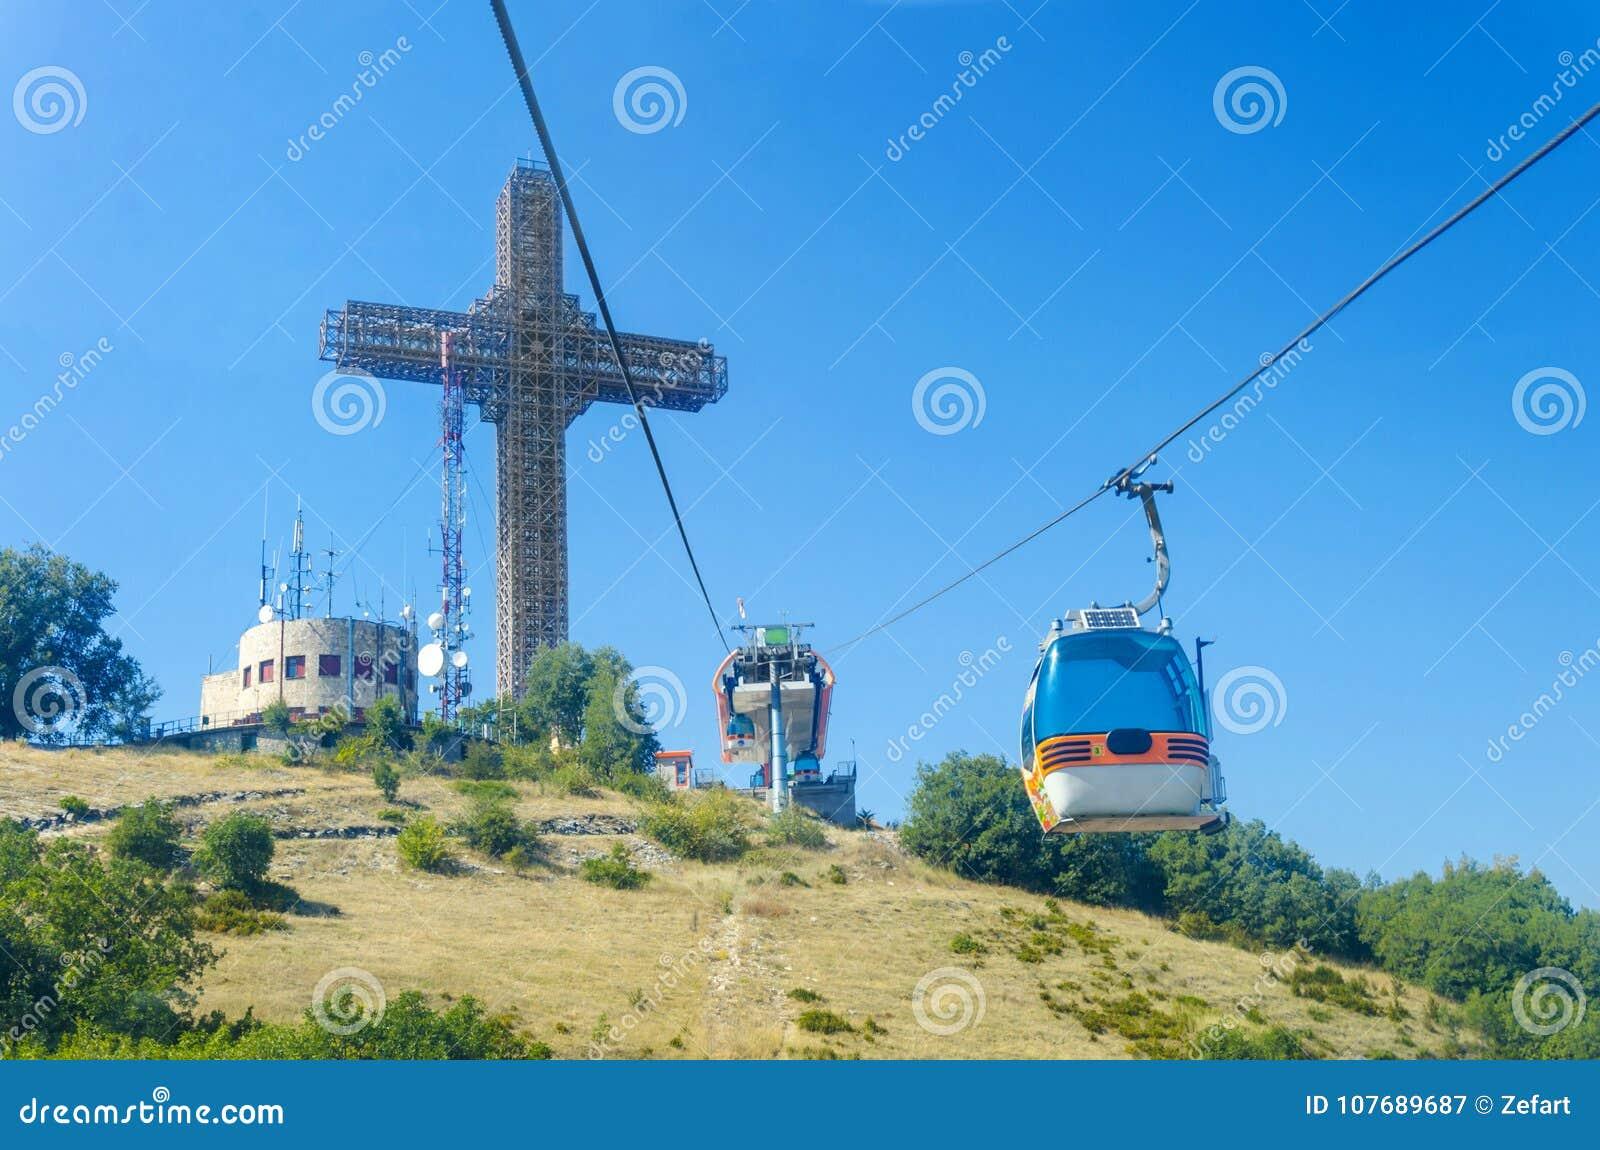 POV view of tourist on ride of gondola cablecar to Vodno mountain